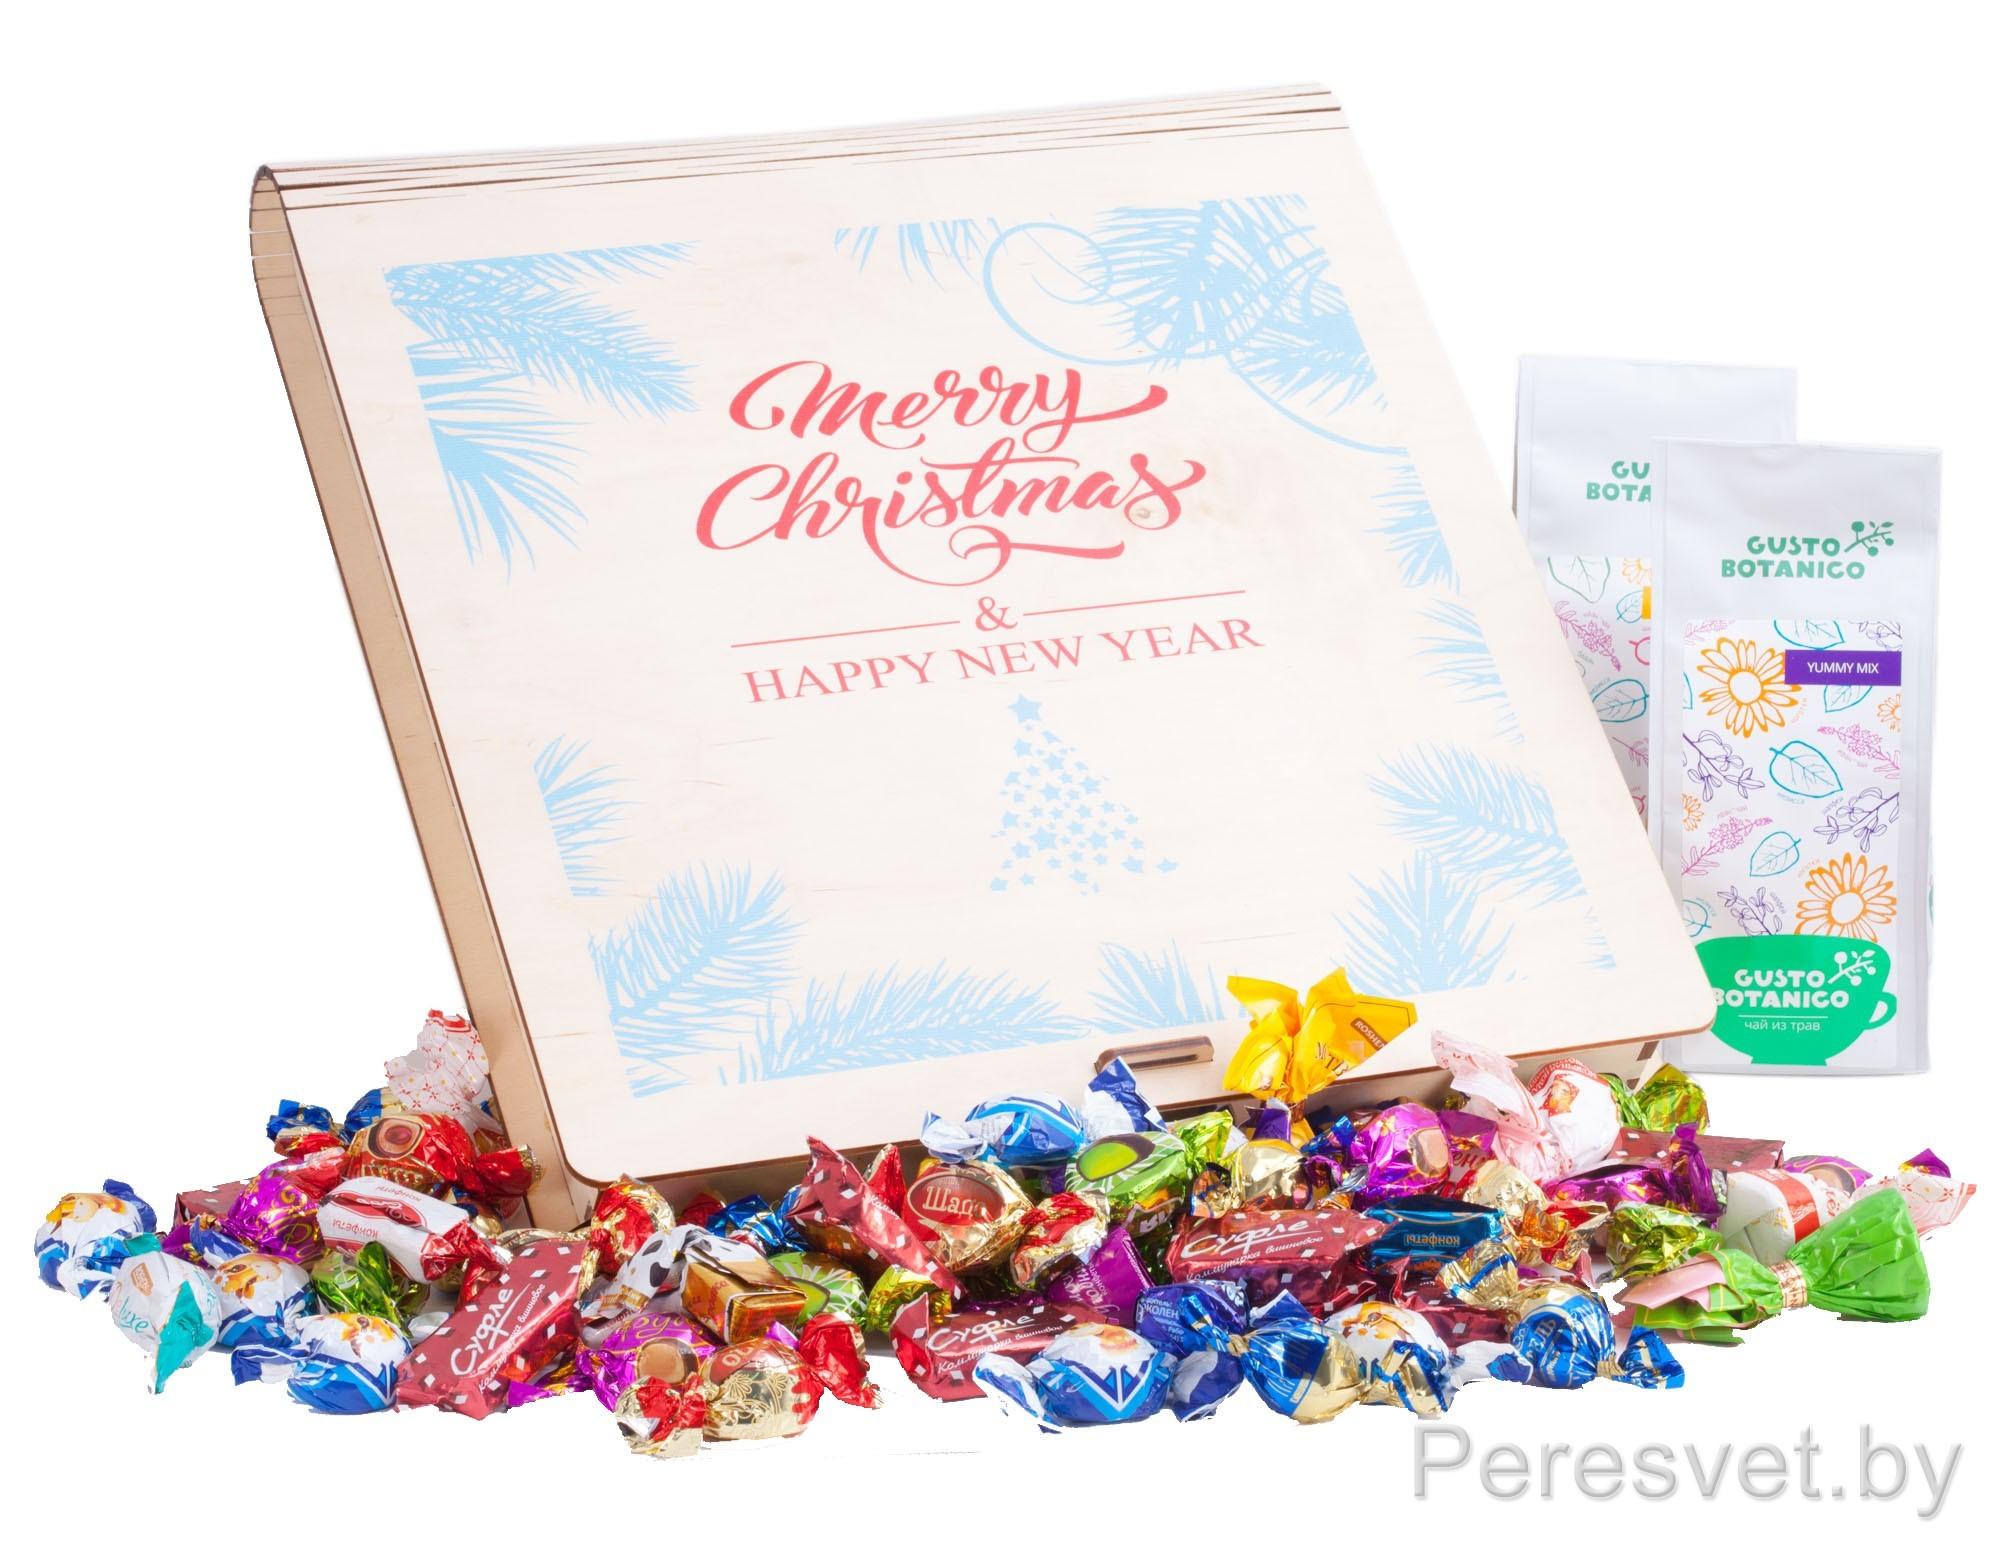 Детский новогодний подарочный набор Merry Christmas в деревянной коробке на peresvet.by